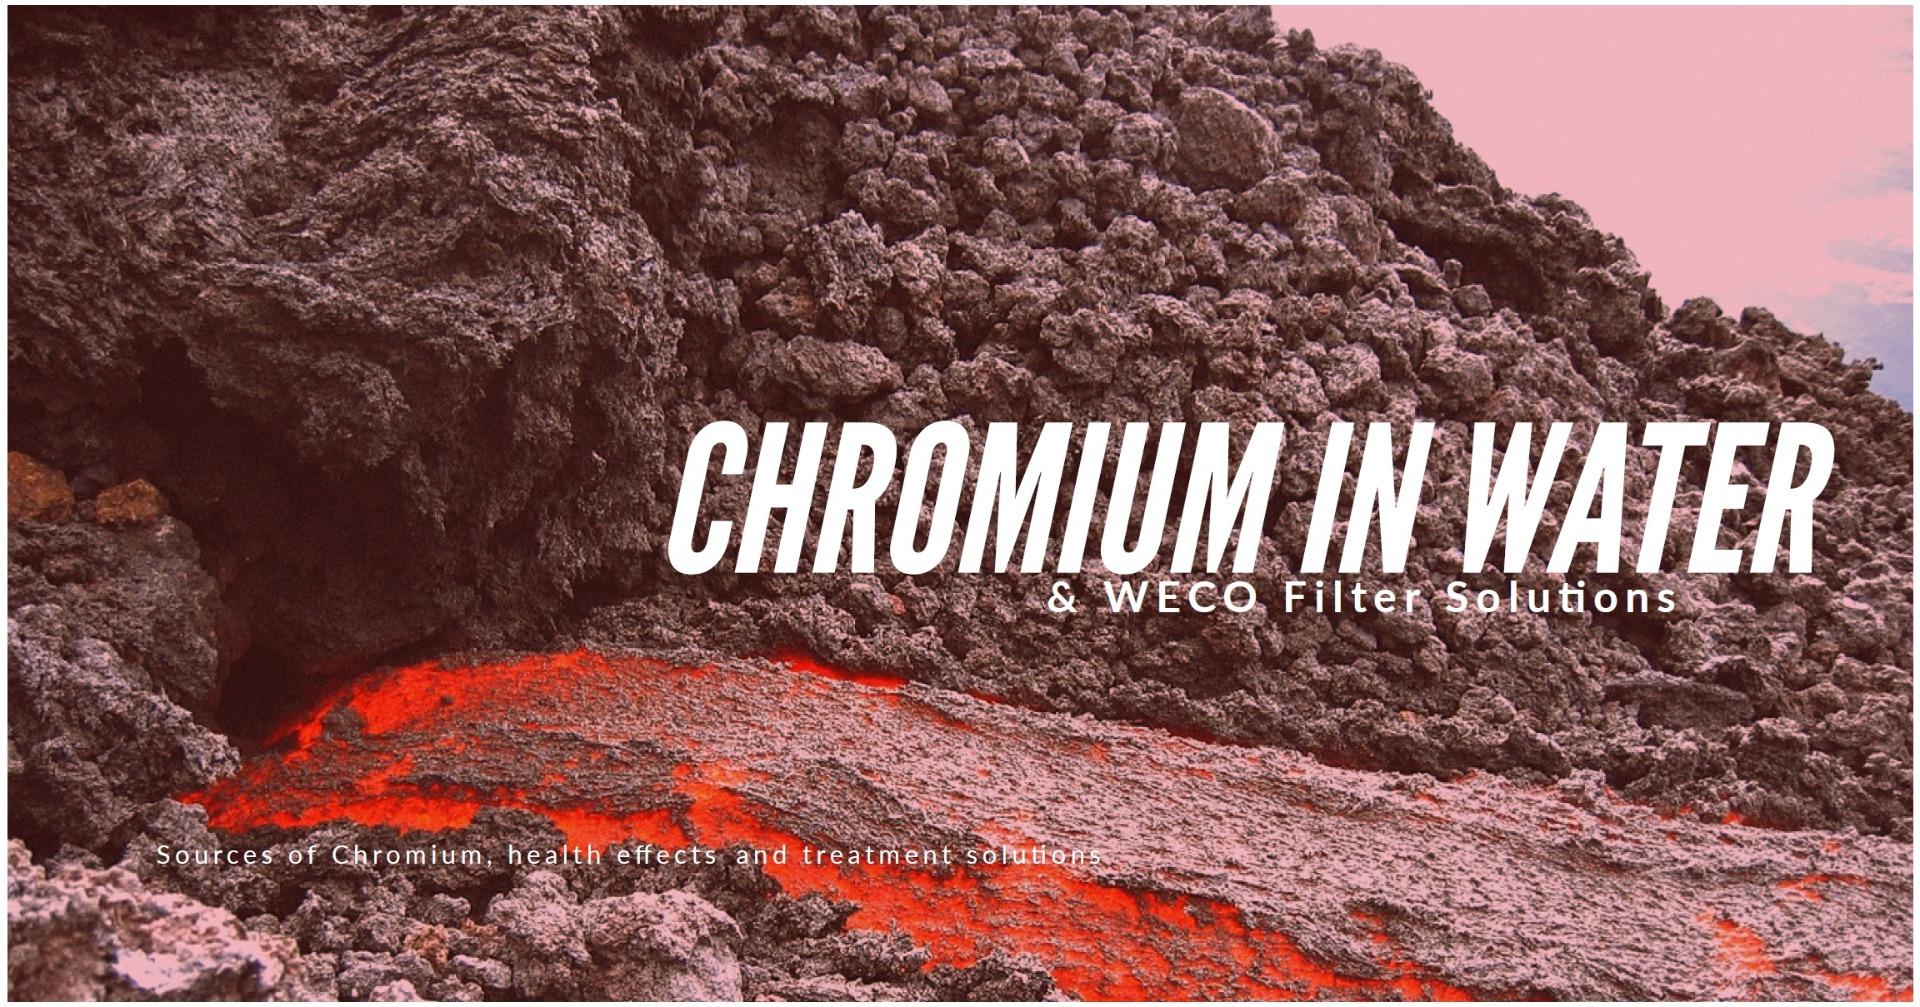 Chromium in Water